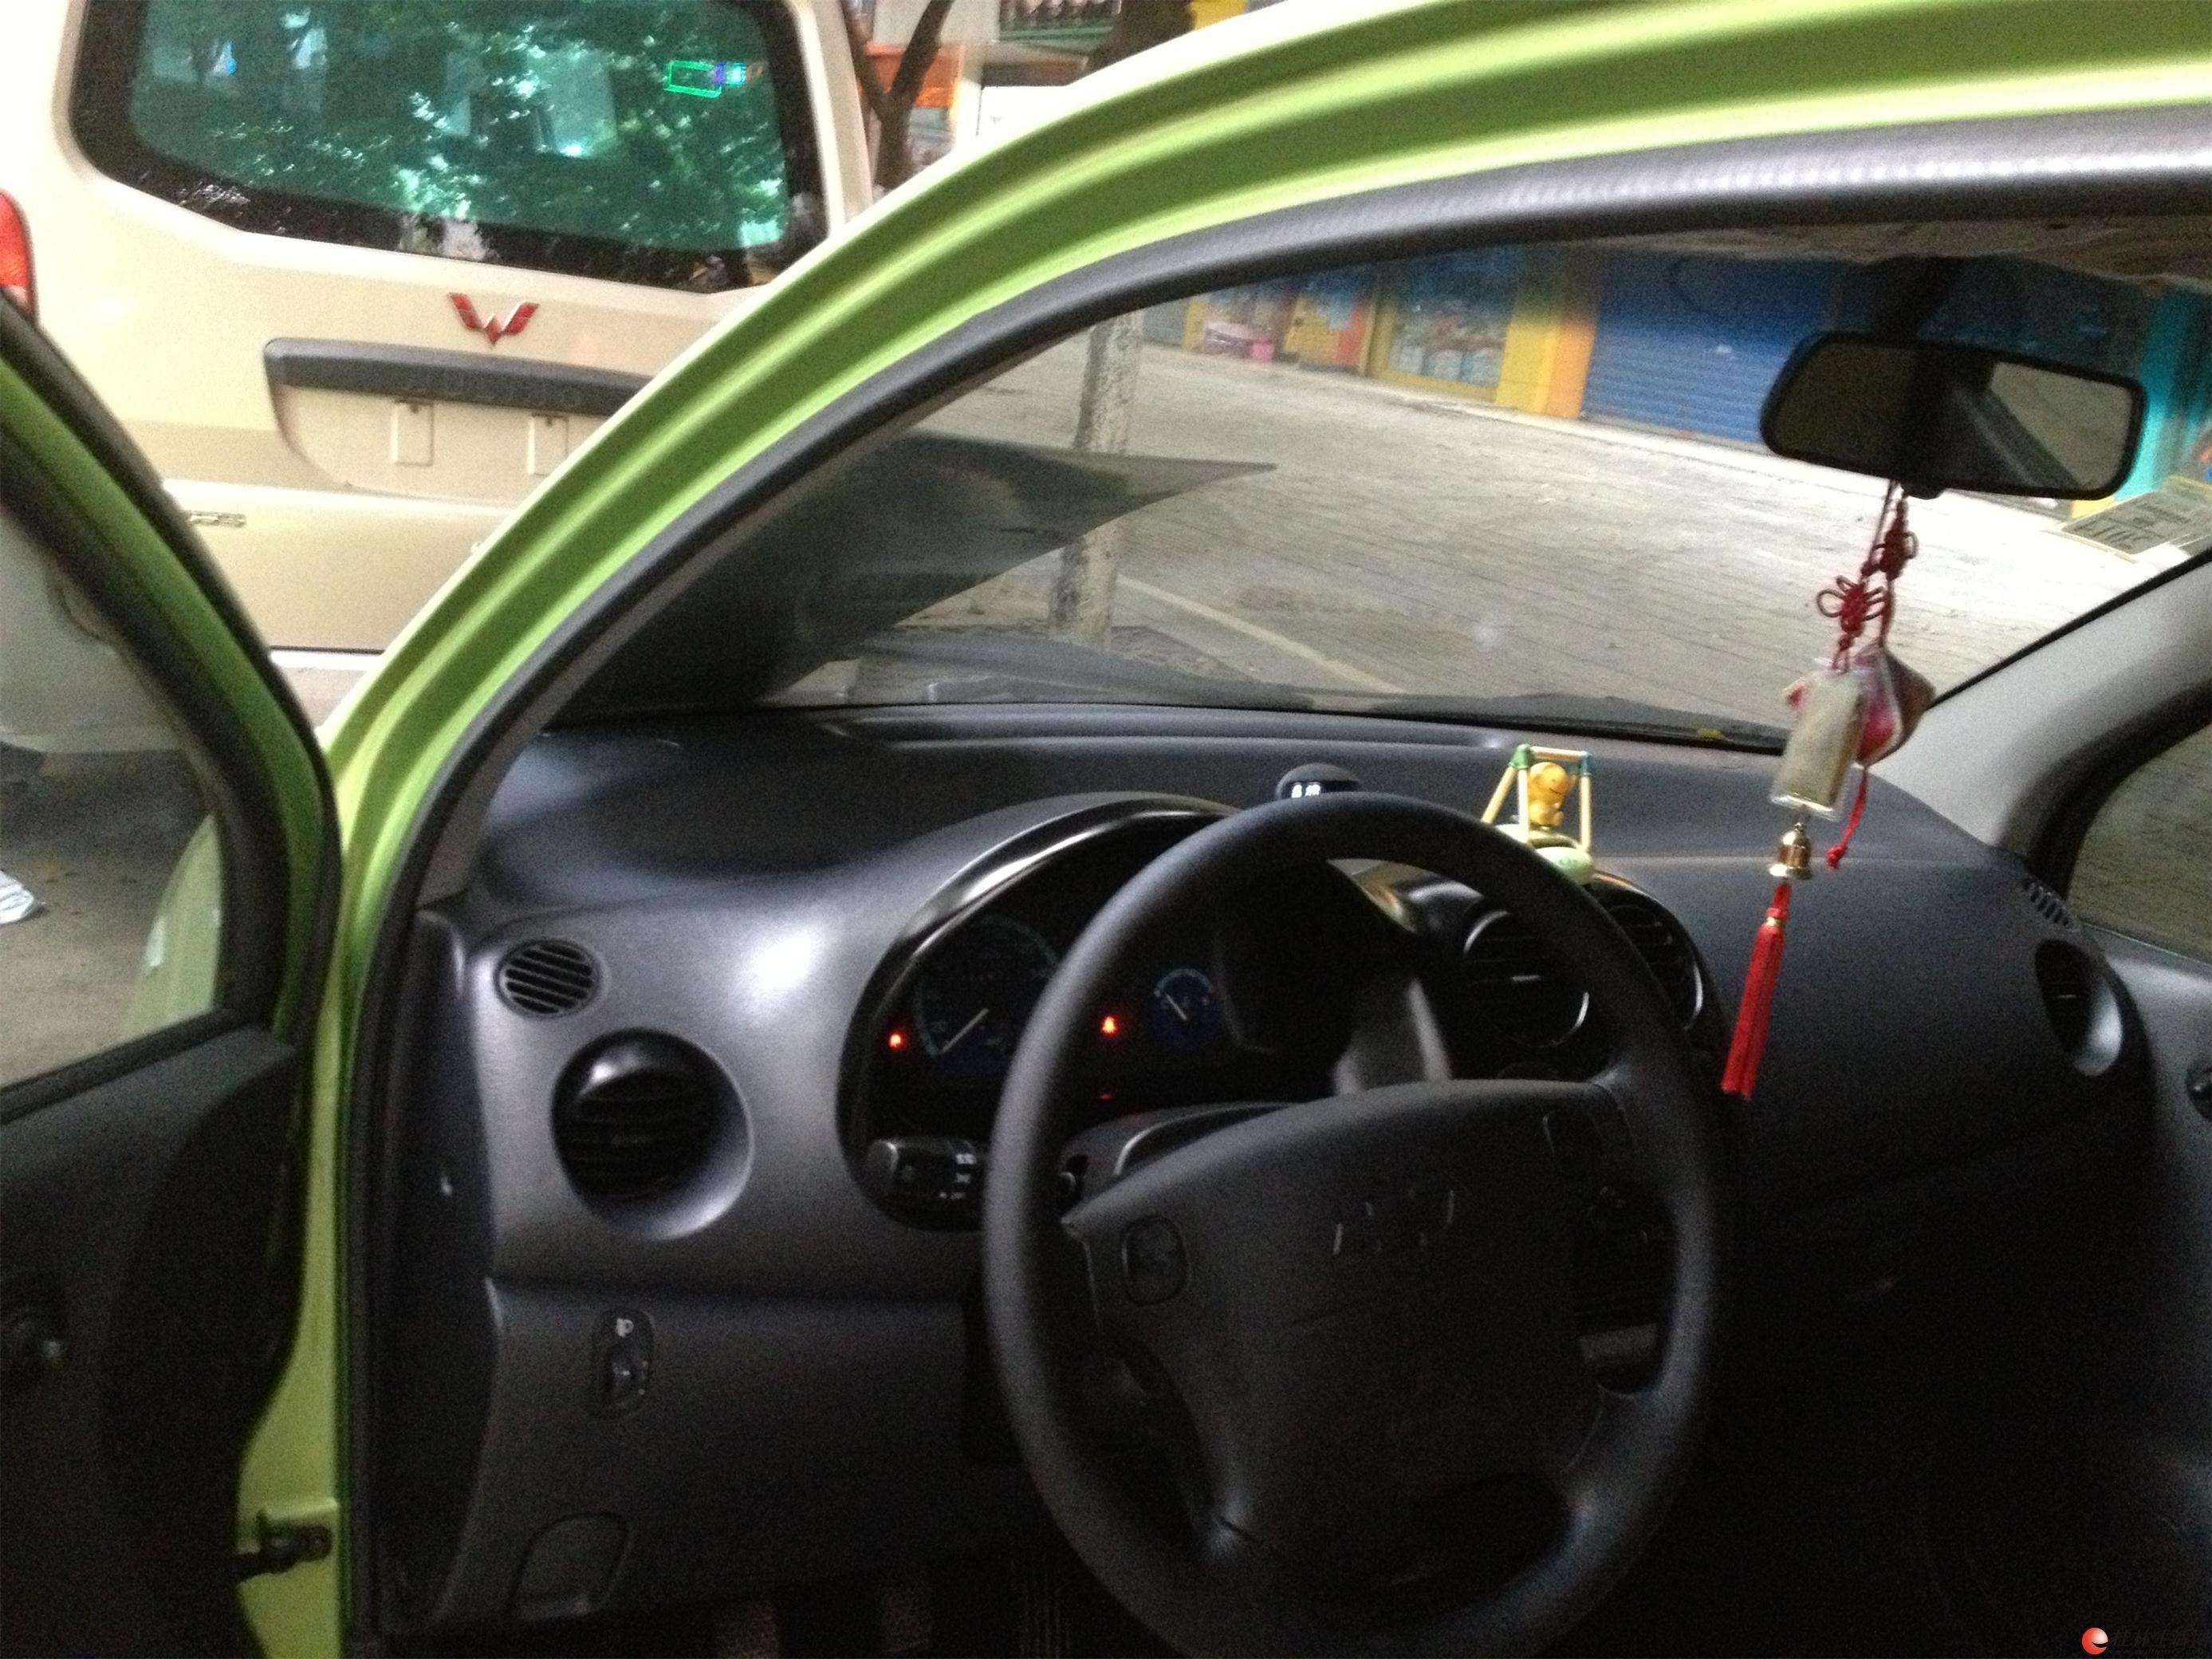 雪佛兰乐驰 2005款 0.8 家用车 90 的进口件 省高清图片